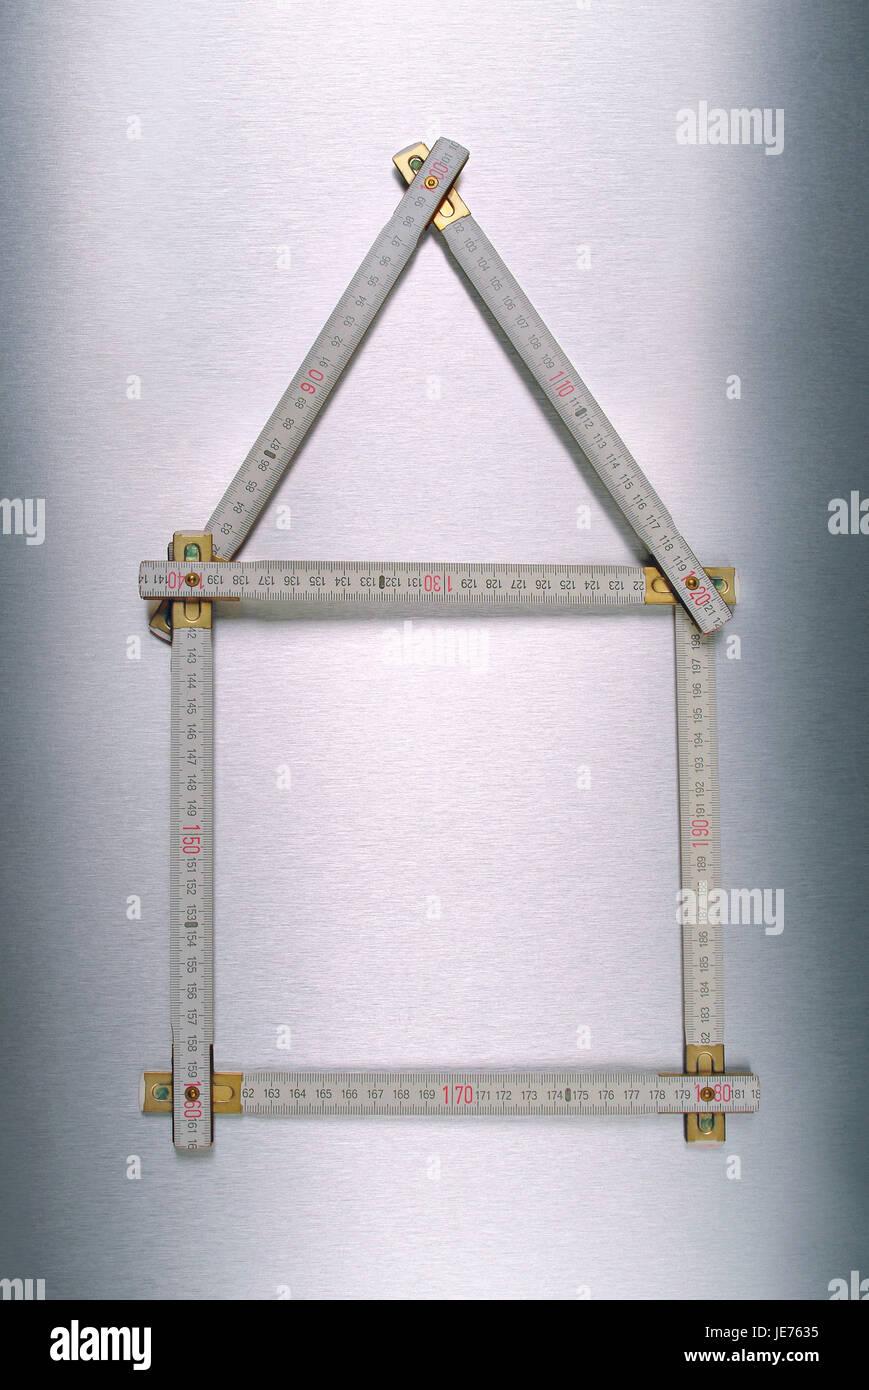 Folding rule, house, - Stock Image